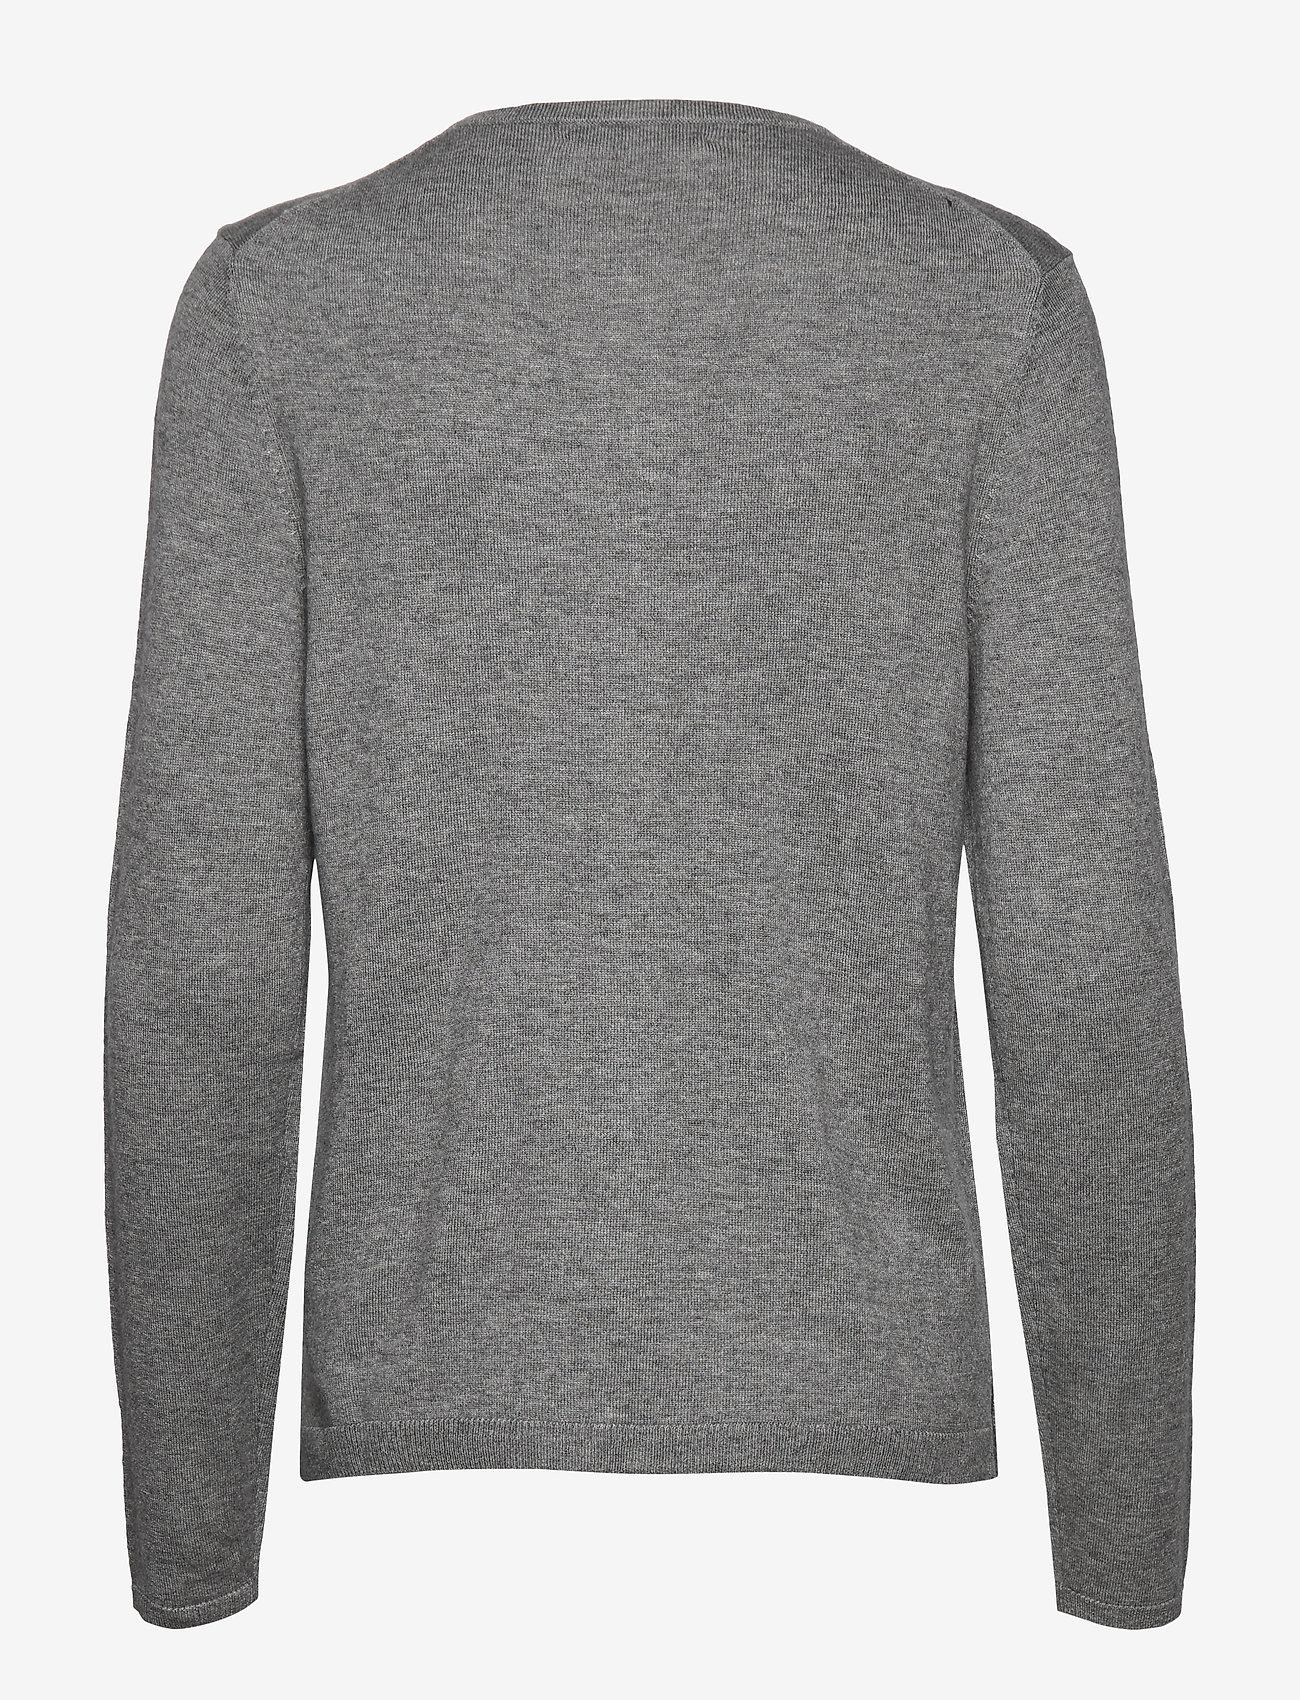 BRAX - ANN - cardigans - grey mel. - 1